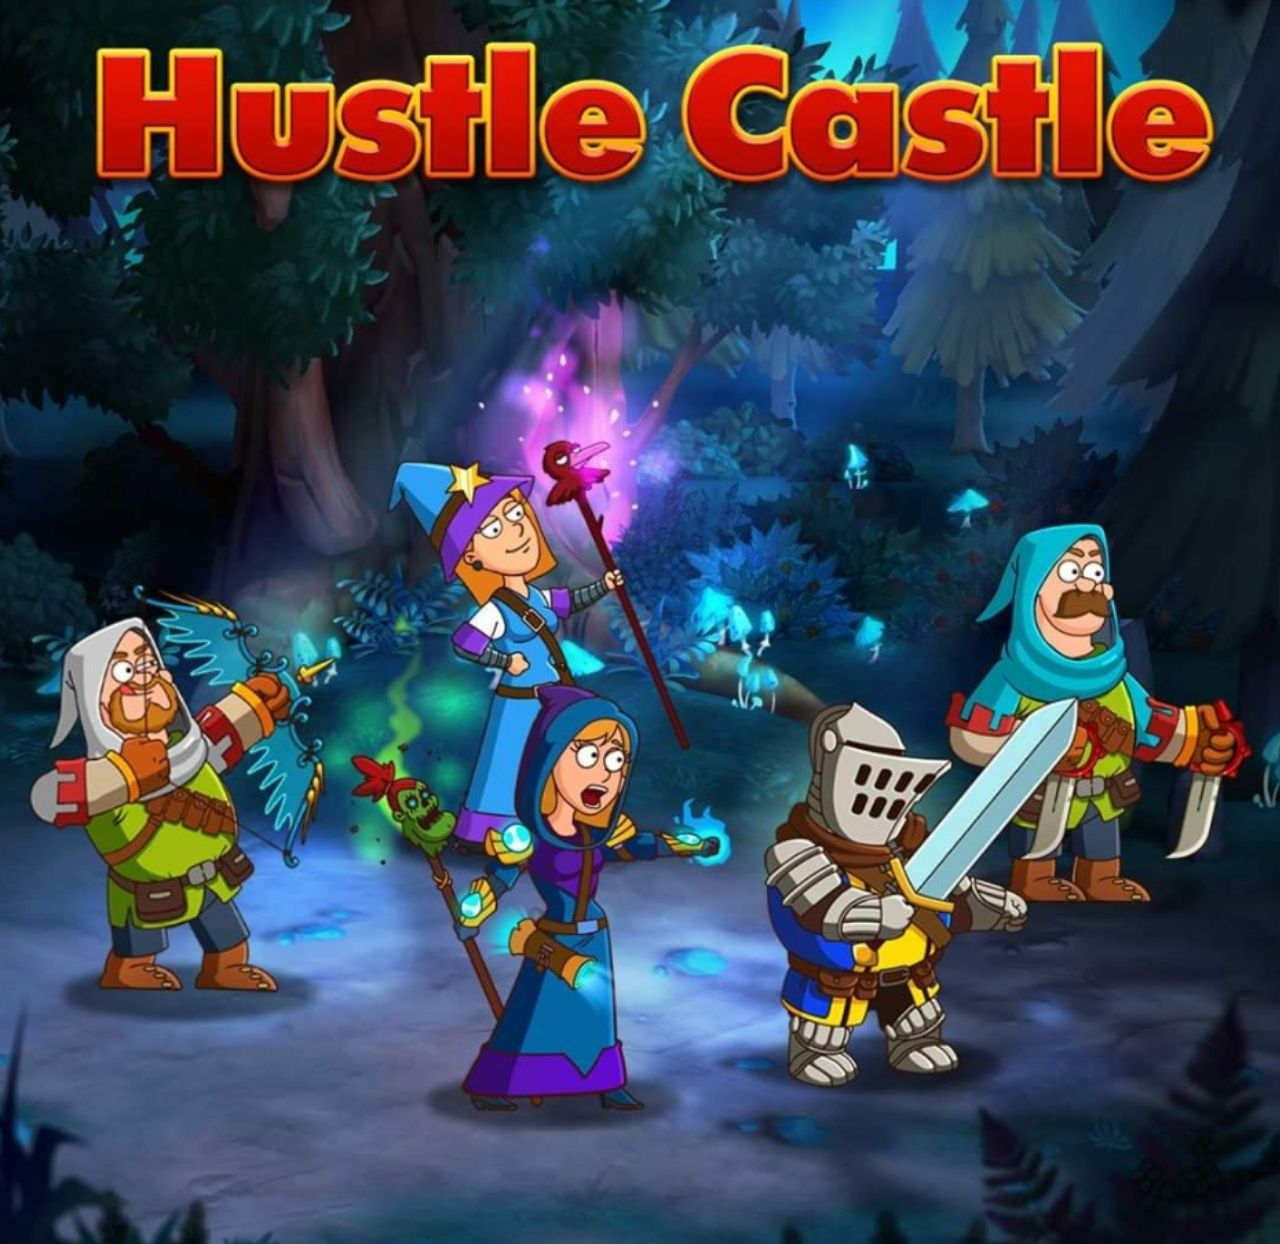 بازی hustle castle